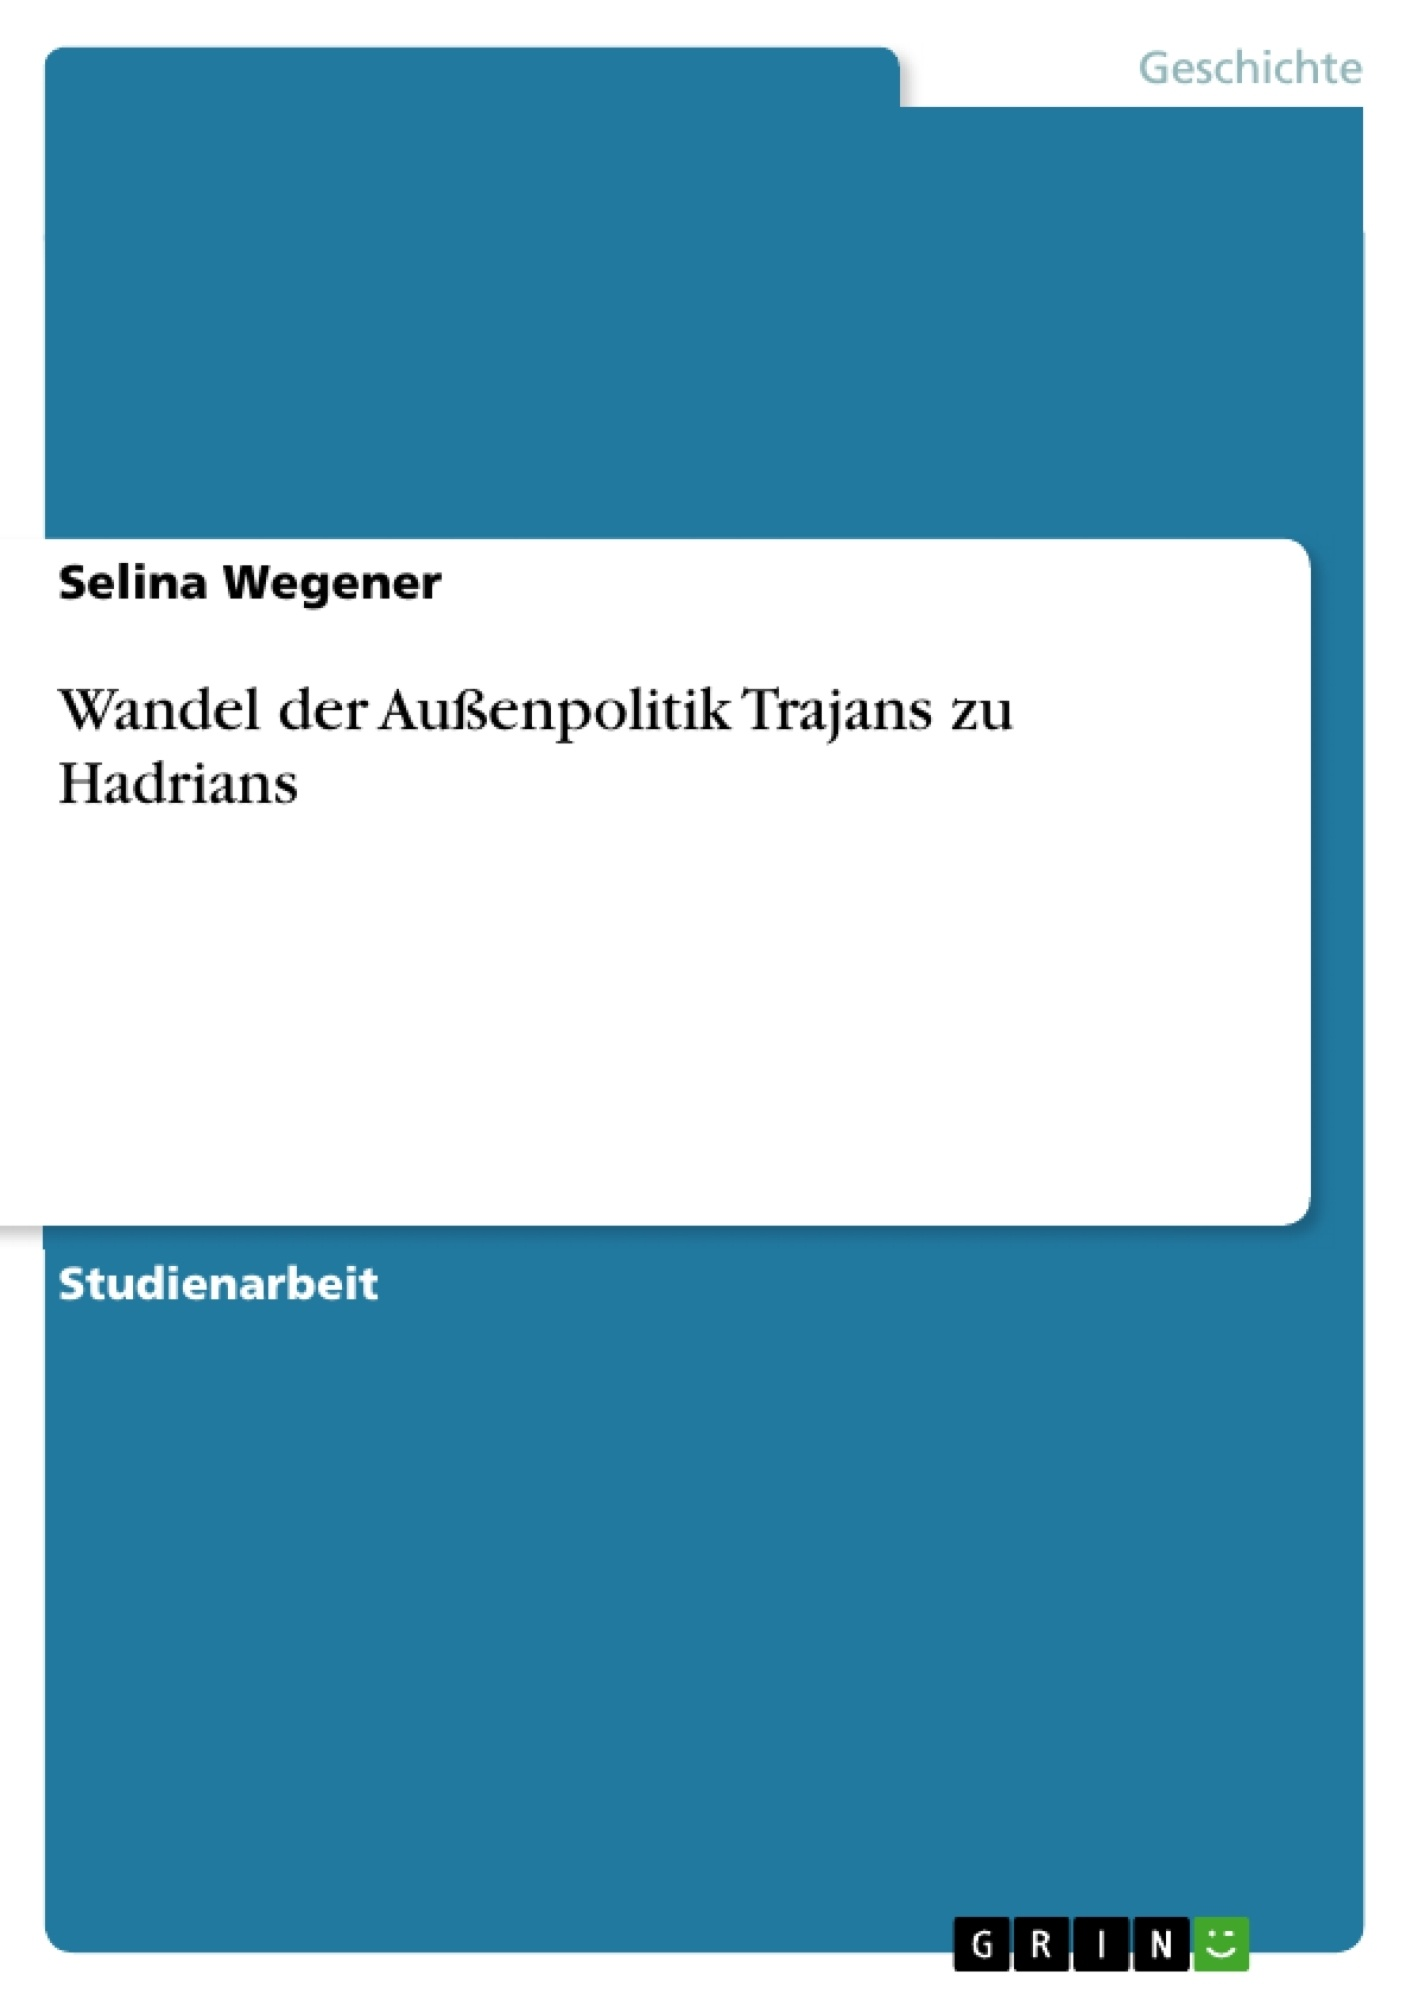 Titel: Wandel der Außenpolitik Trajans zu Hadrians